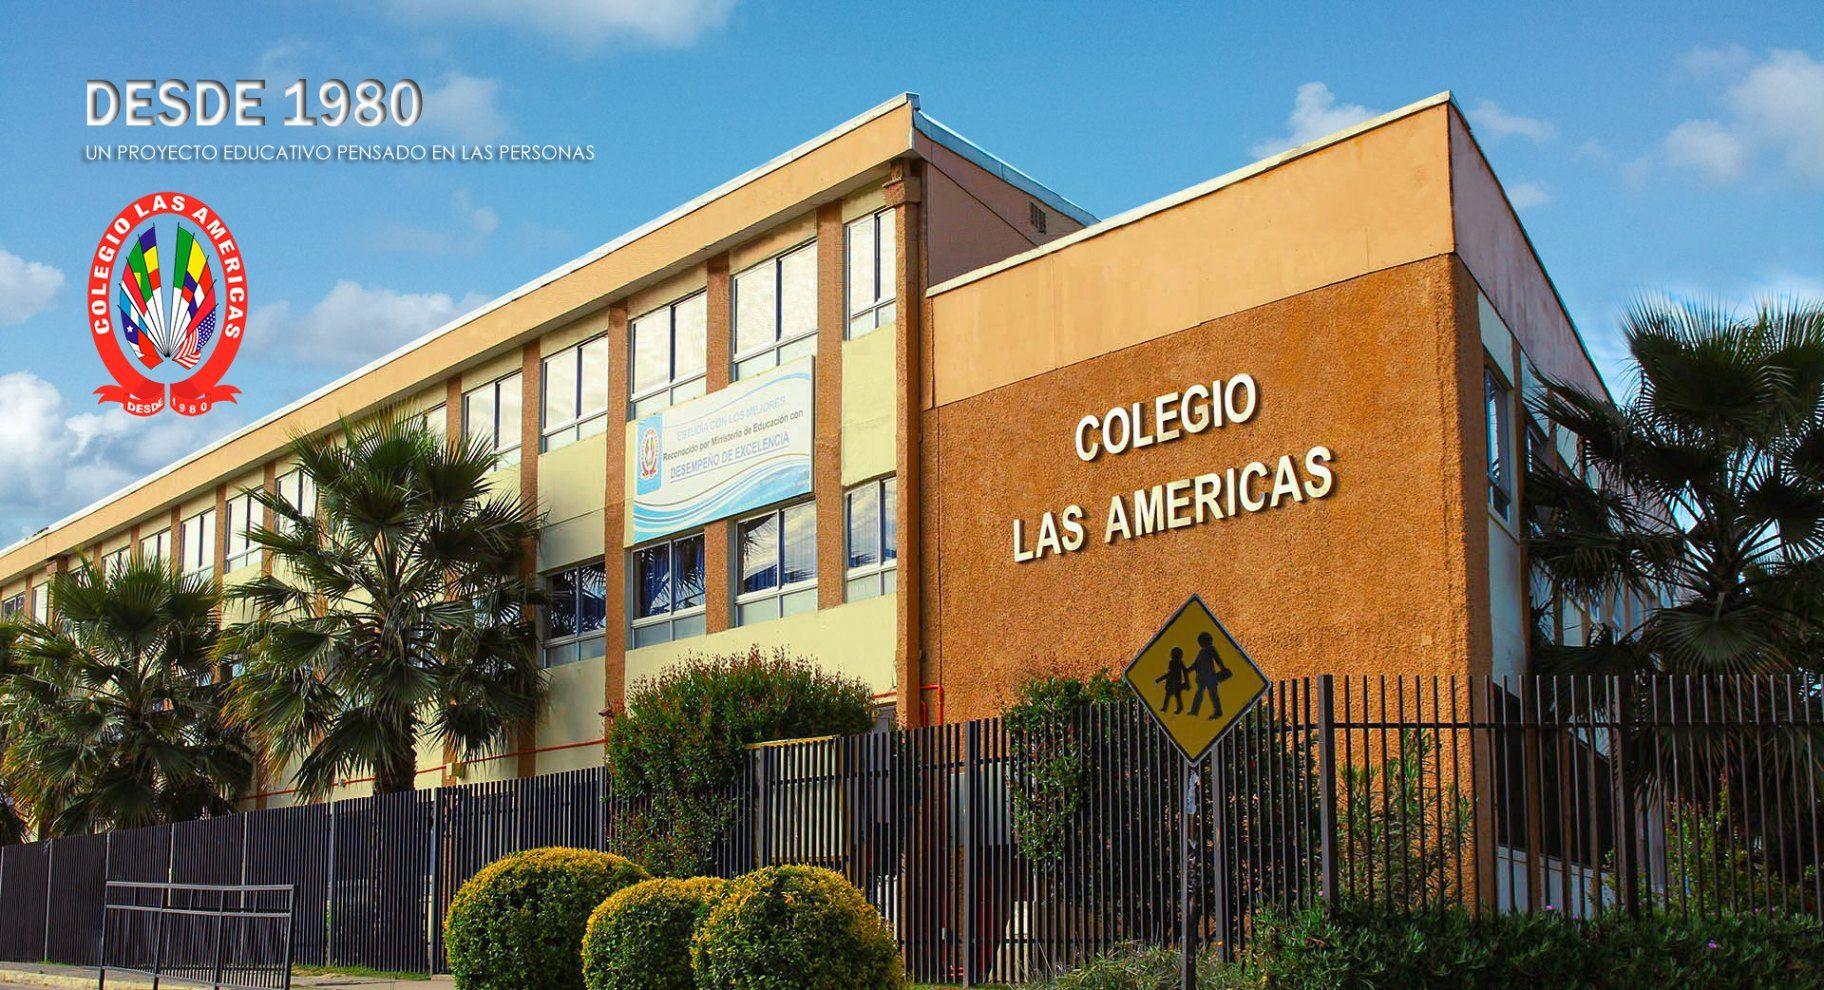 Frontis Principal Colegio Las Américas